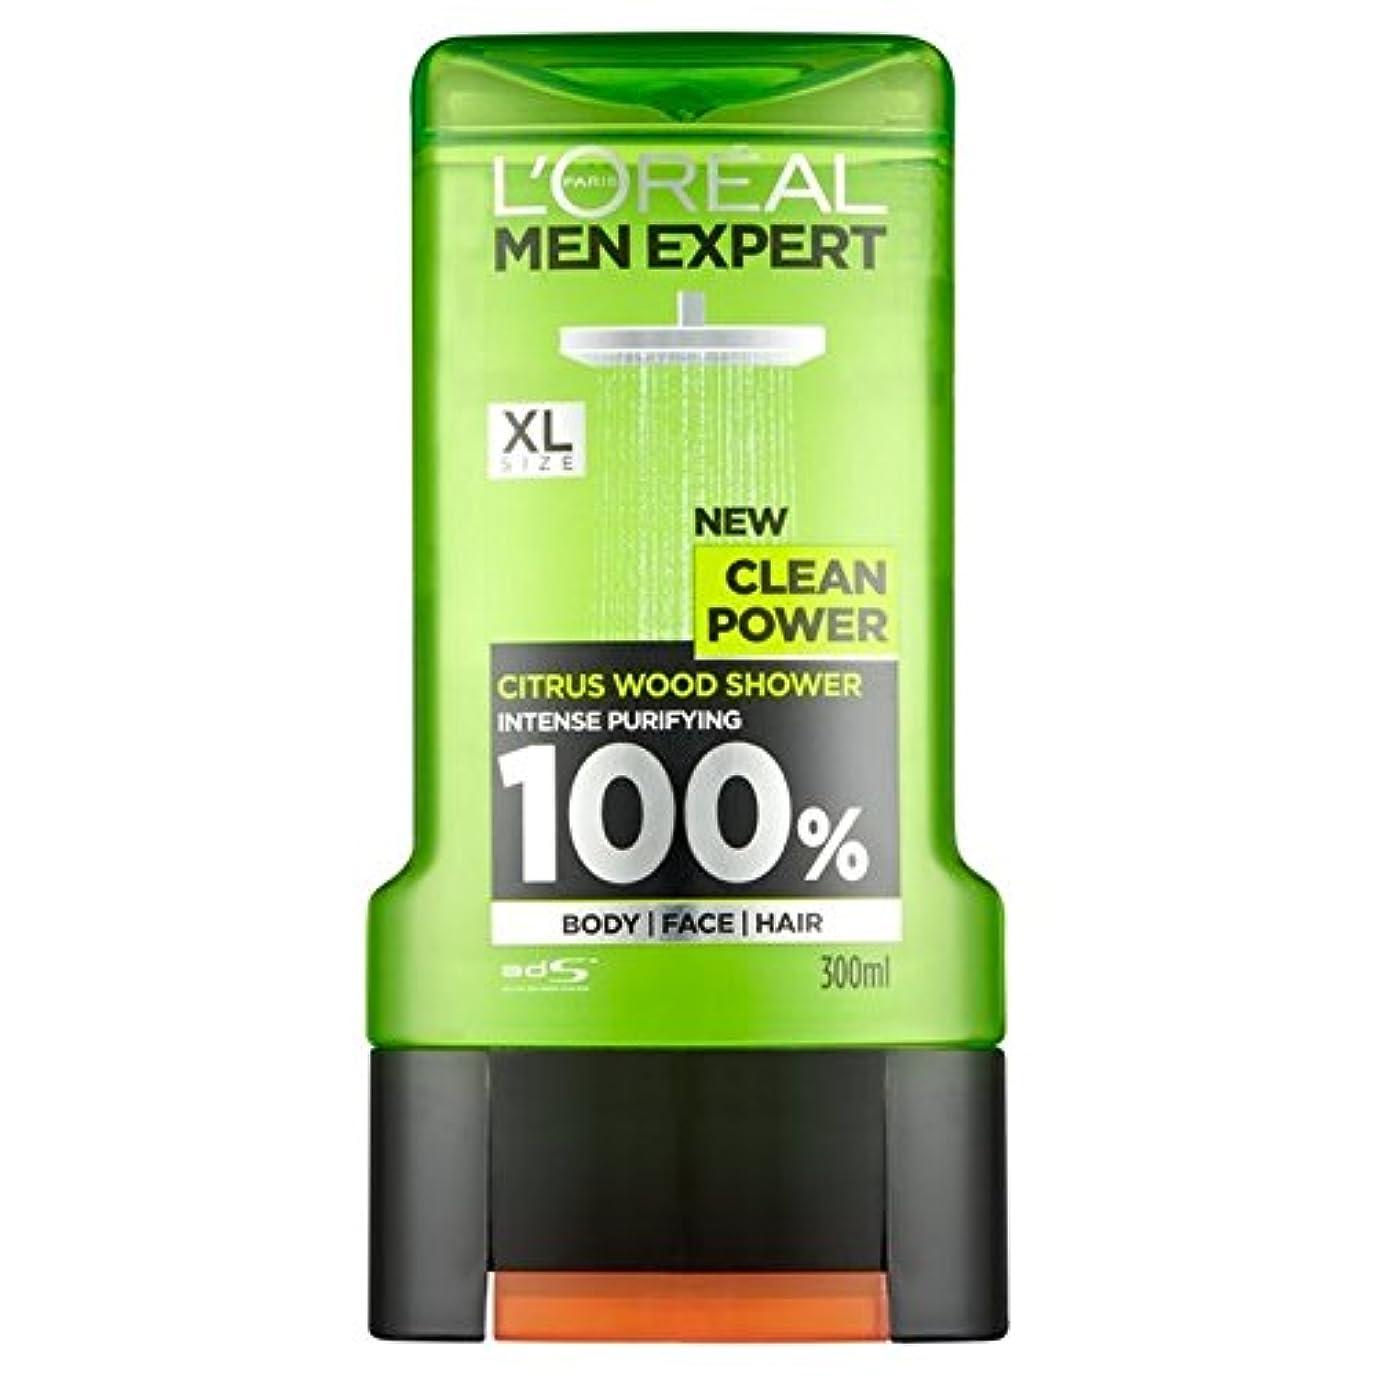 宗教的な霧深い元気なロレアルパリの男性の専門家クリーンパワーシャワージェル300ミリリットル x4 - L'Oreal Paris Men Expert Clean Power Shower Gel 300ml (Pack of 4) [並行輸入品]